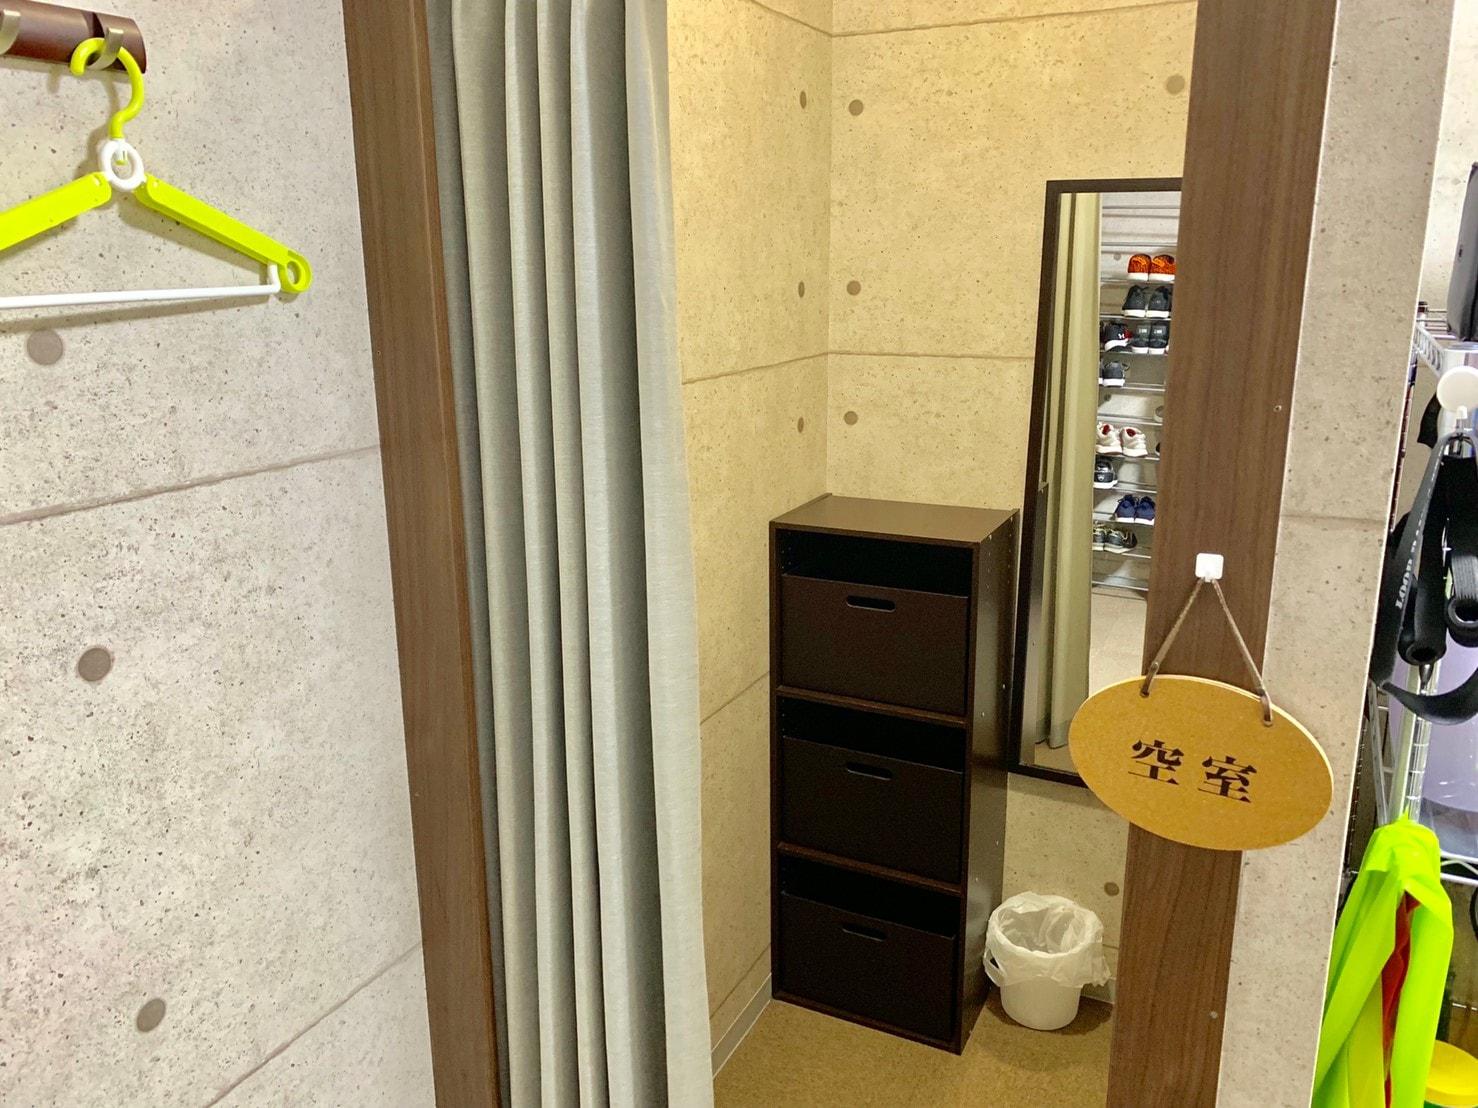 THE PERSONレンタルジム川崎 更衣室.jpg